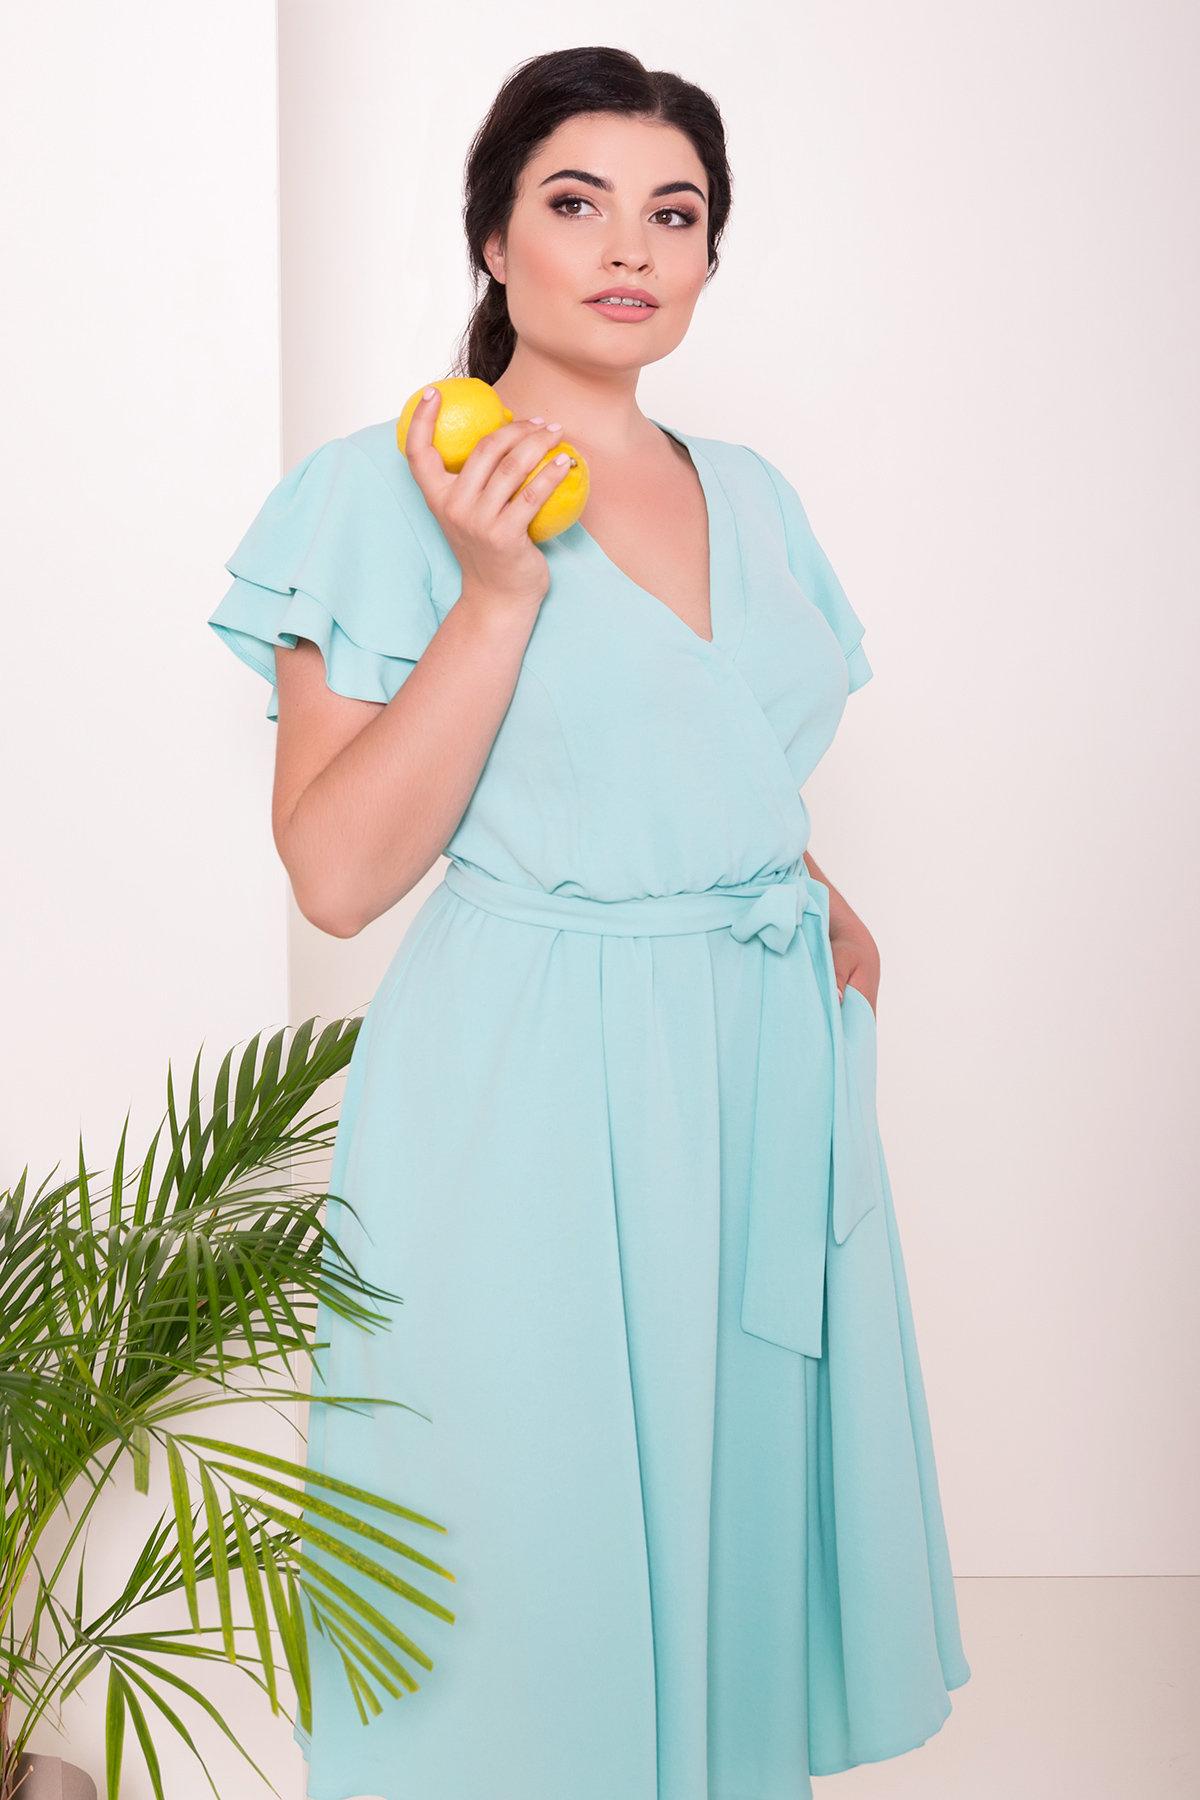 Платье Аделиса DONNA 7355 АРТ. 43164 Цвет: Мята - фото 3, интернет магазин tm-modus.ru